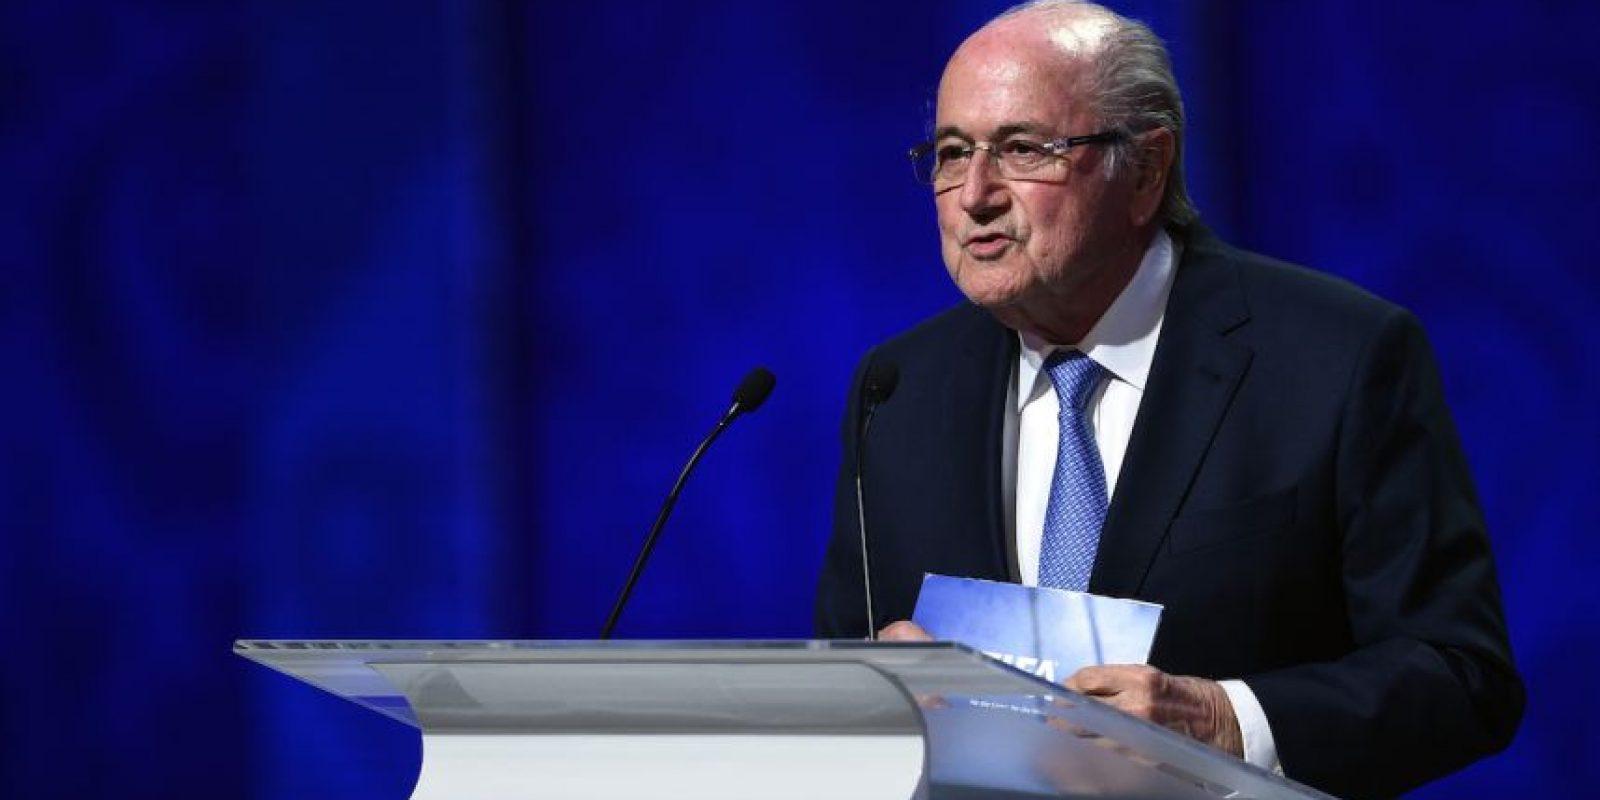 Tras los arrestos del 27 de mayo, varios personajes pidieron su renuncia de la presidencia de la FIFA, como François Hollande, presidente de Francia y David Cameron, primer ministro de Inglaterra. Fue reelegido en su cargo por cuatro años más, aunque días después anuncio su renuncia a mediano plazo. Foto:Getty Images